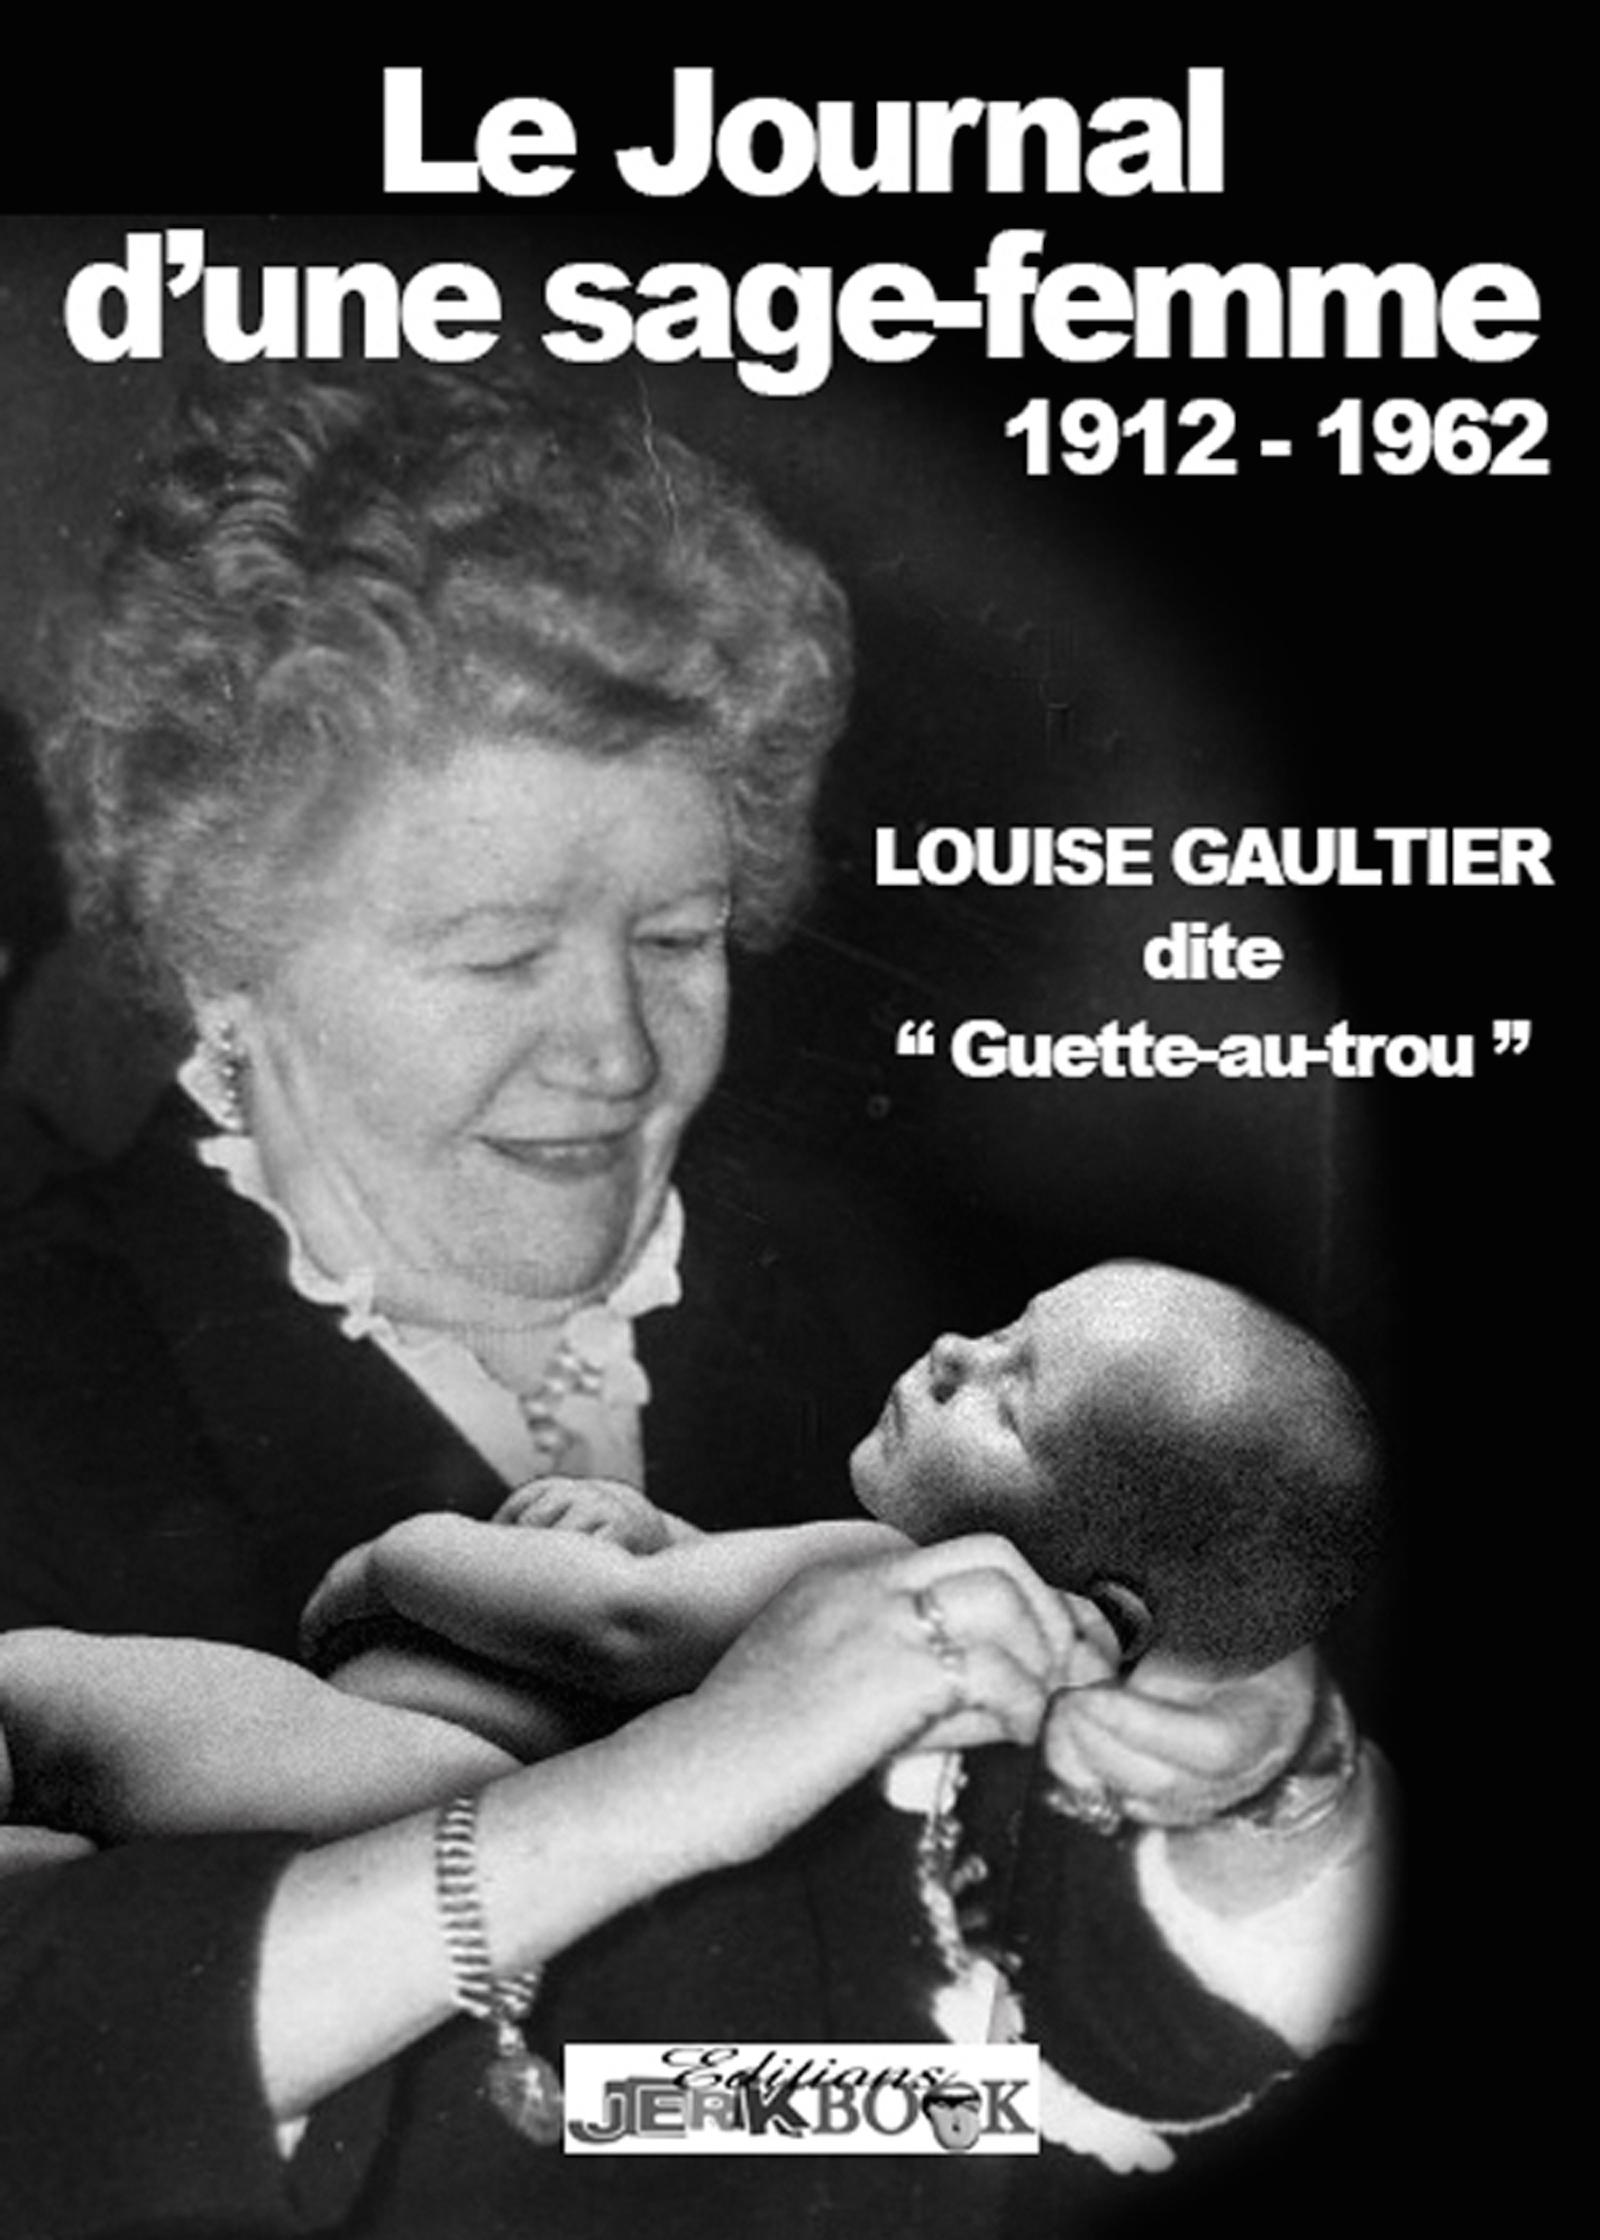 Le journal d'une sage-femme 1912-1962